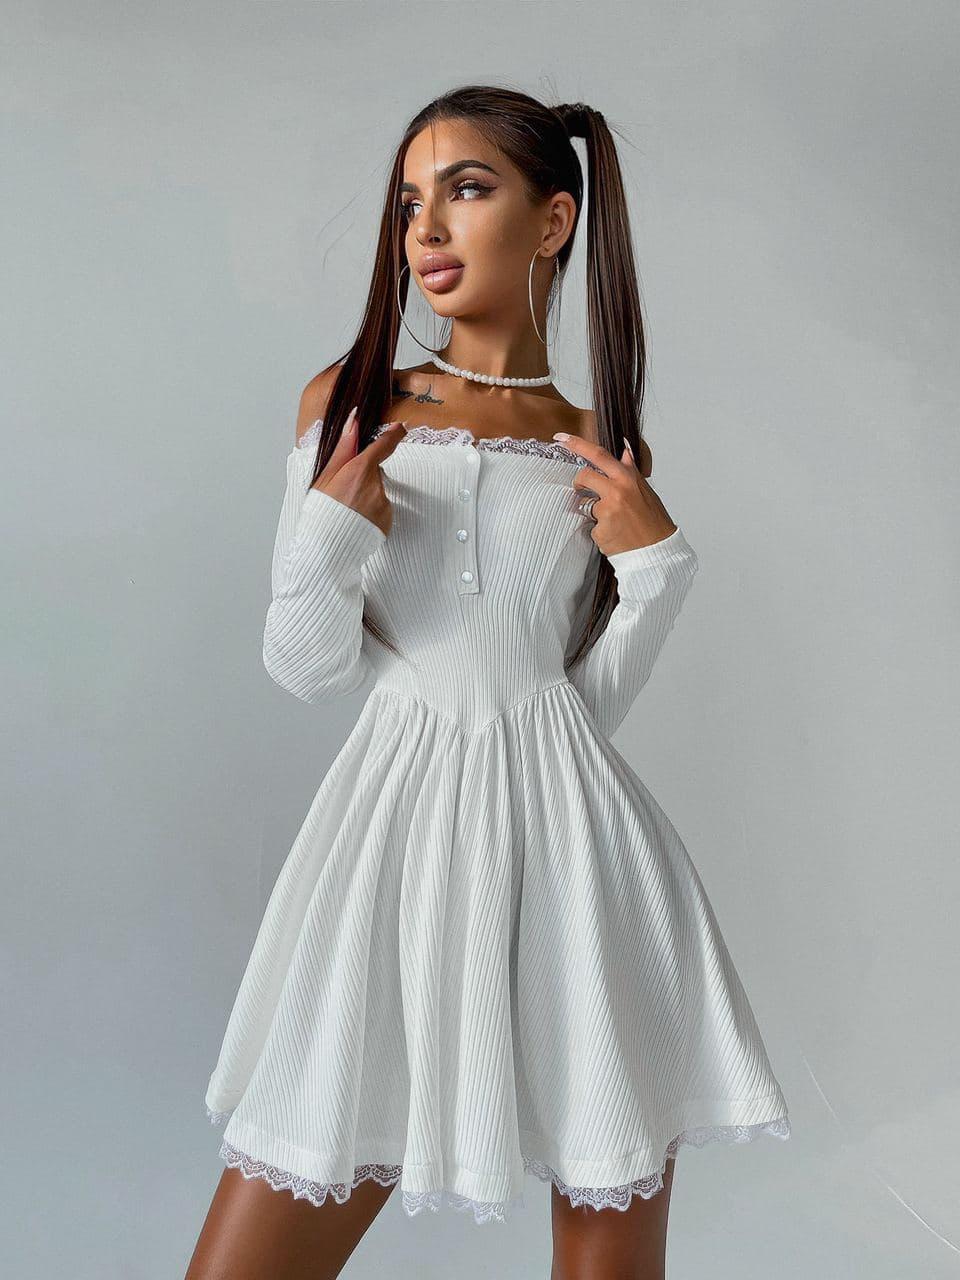 Біле трикотажне плаття з відкритими плечима з мереживом